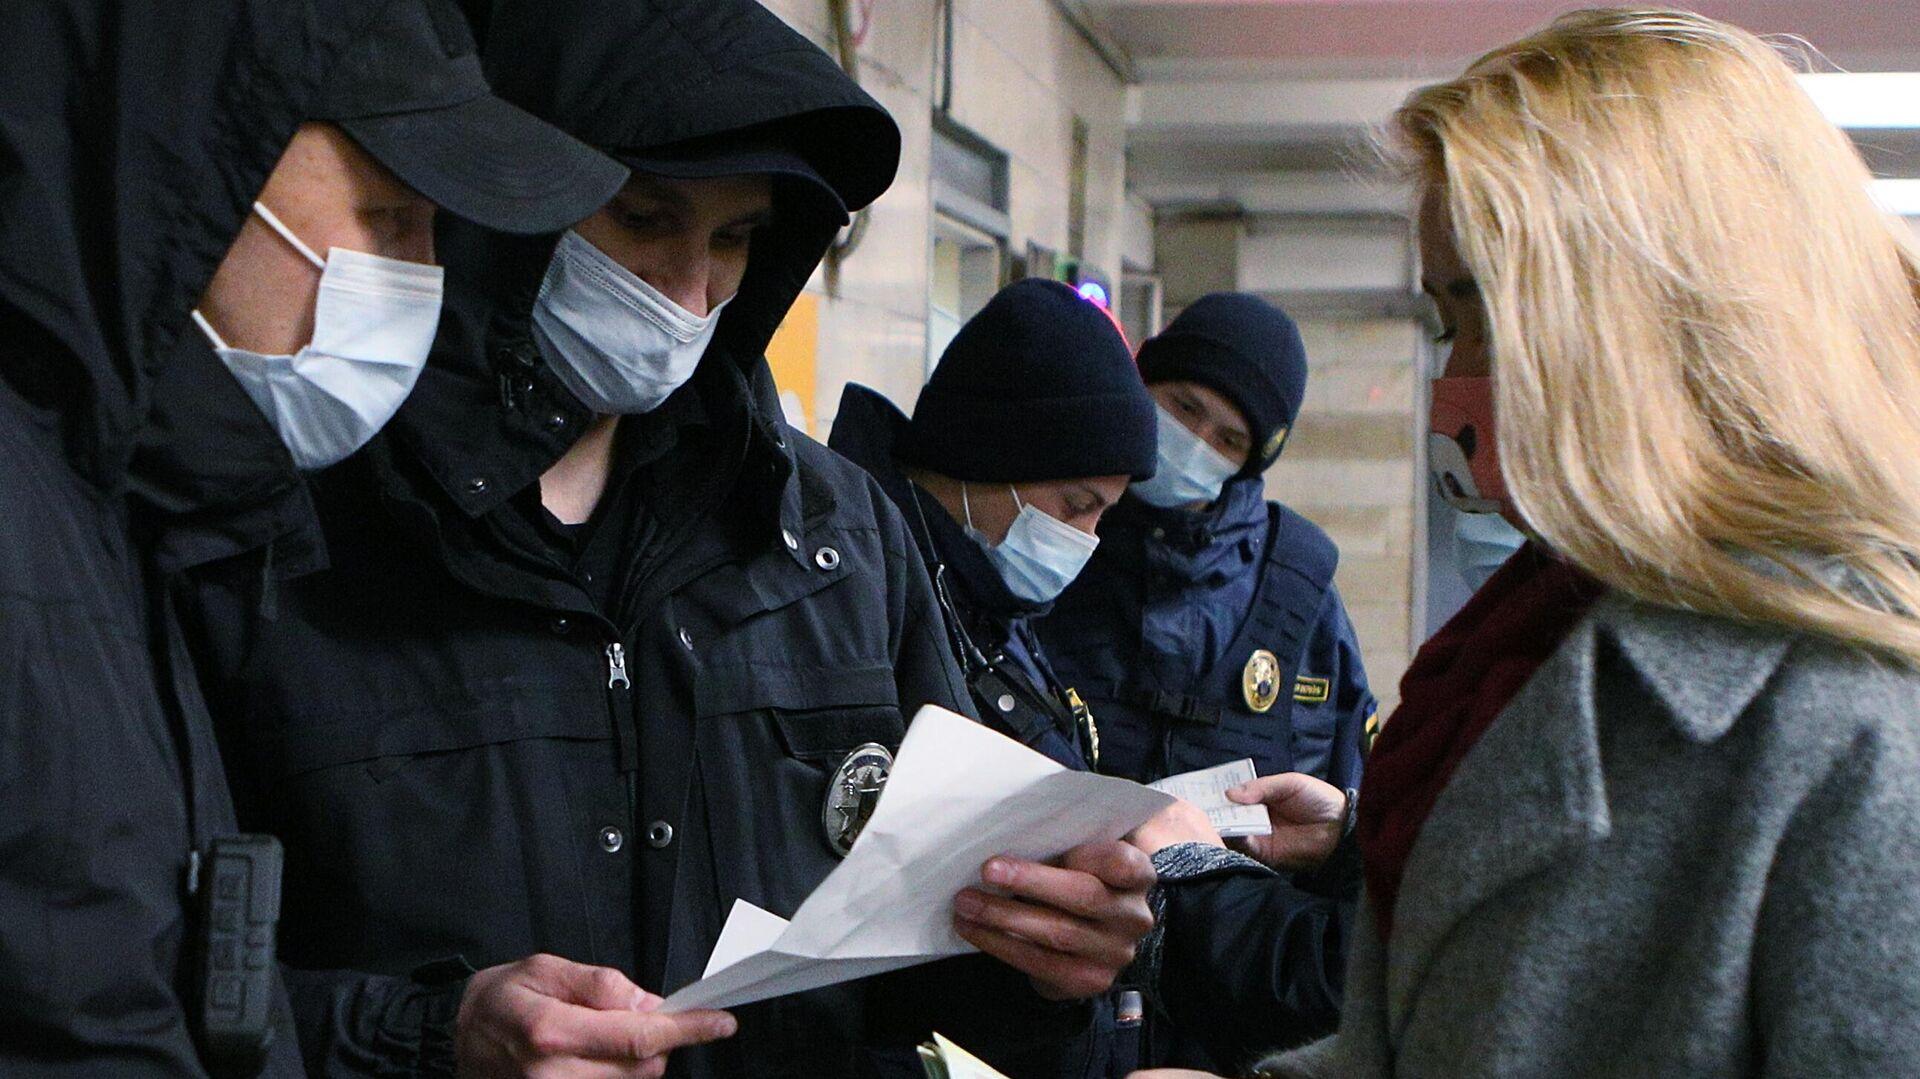 Сотрудники полиции проверяют наличие у девушки спецпропуска для проезда на общественном транспорте на одной из станций метро в Киев - РИА Новости, 1920, 11.10.2021